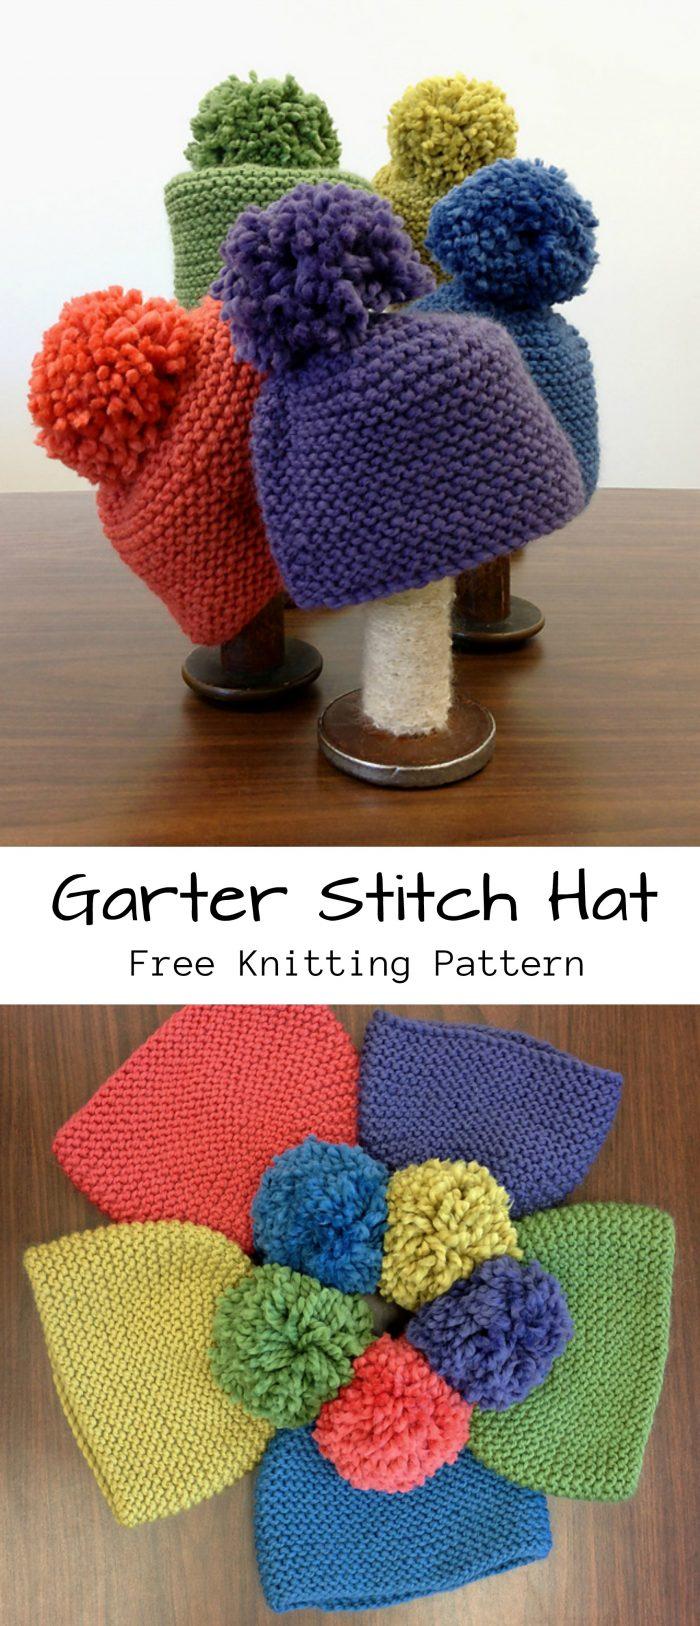 Garter Stitch Hat Free Knitting Pattern